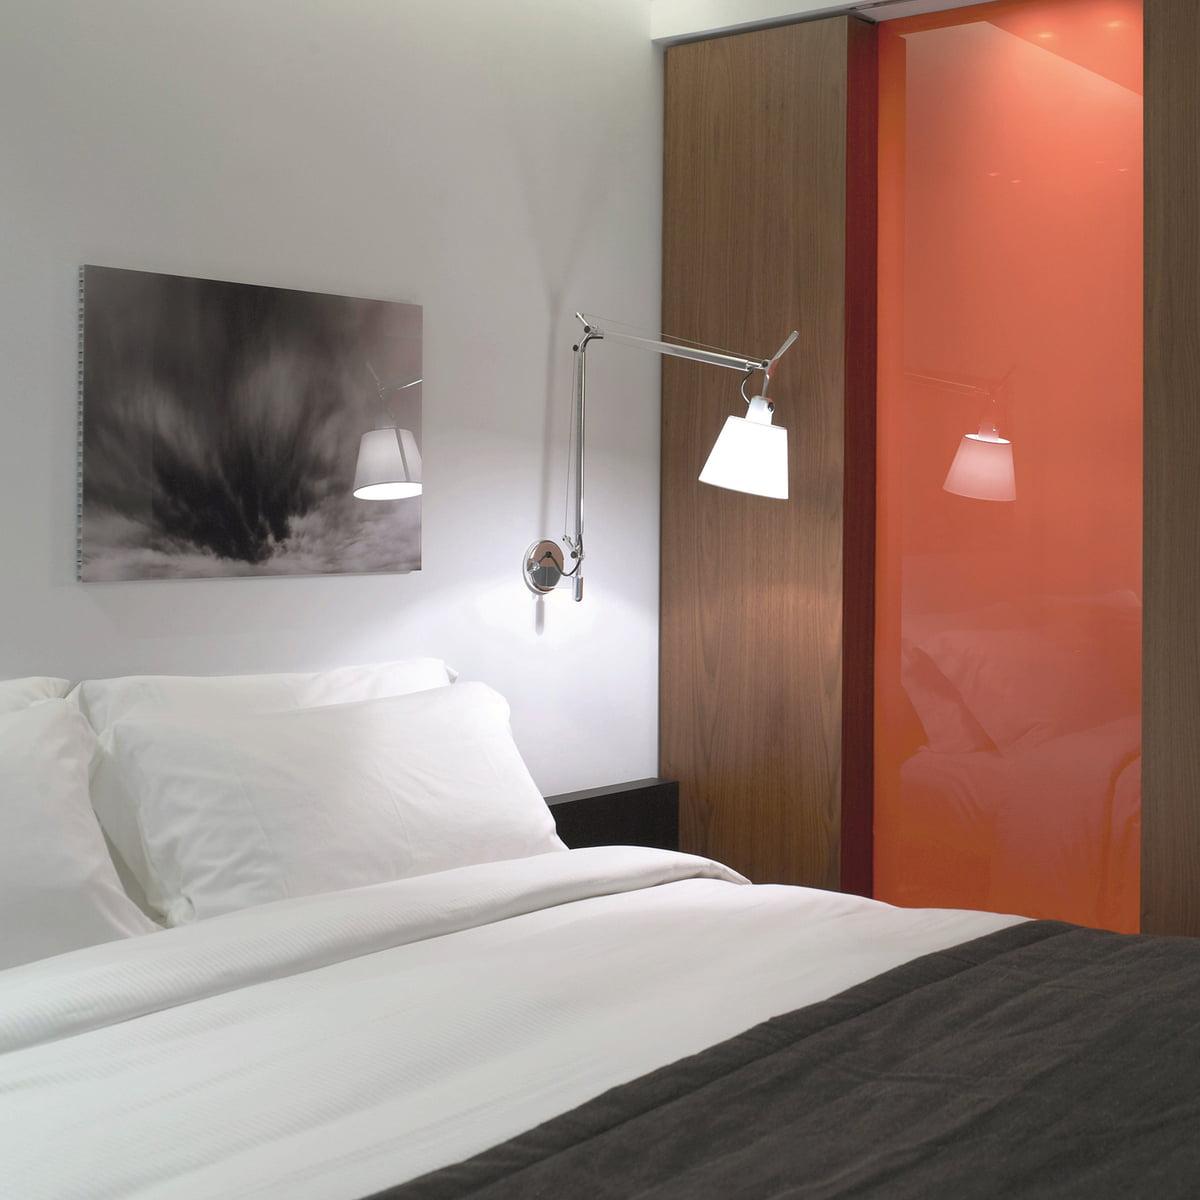 tolomeo basculante d 39 artemide. Black Bedroom Furniture Sets. Home Design Ideas